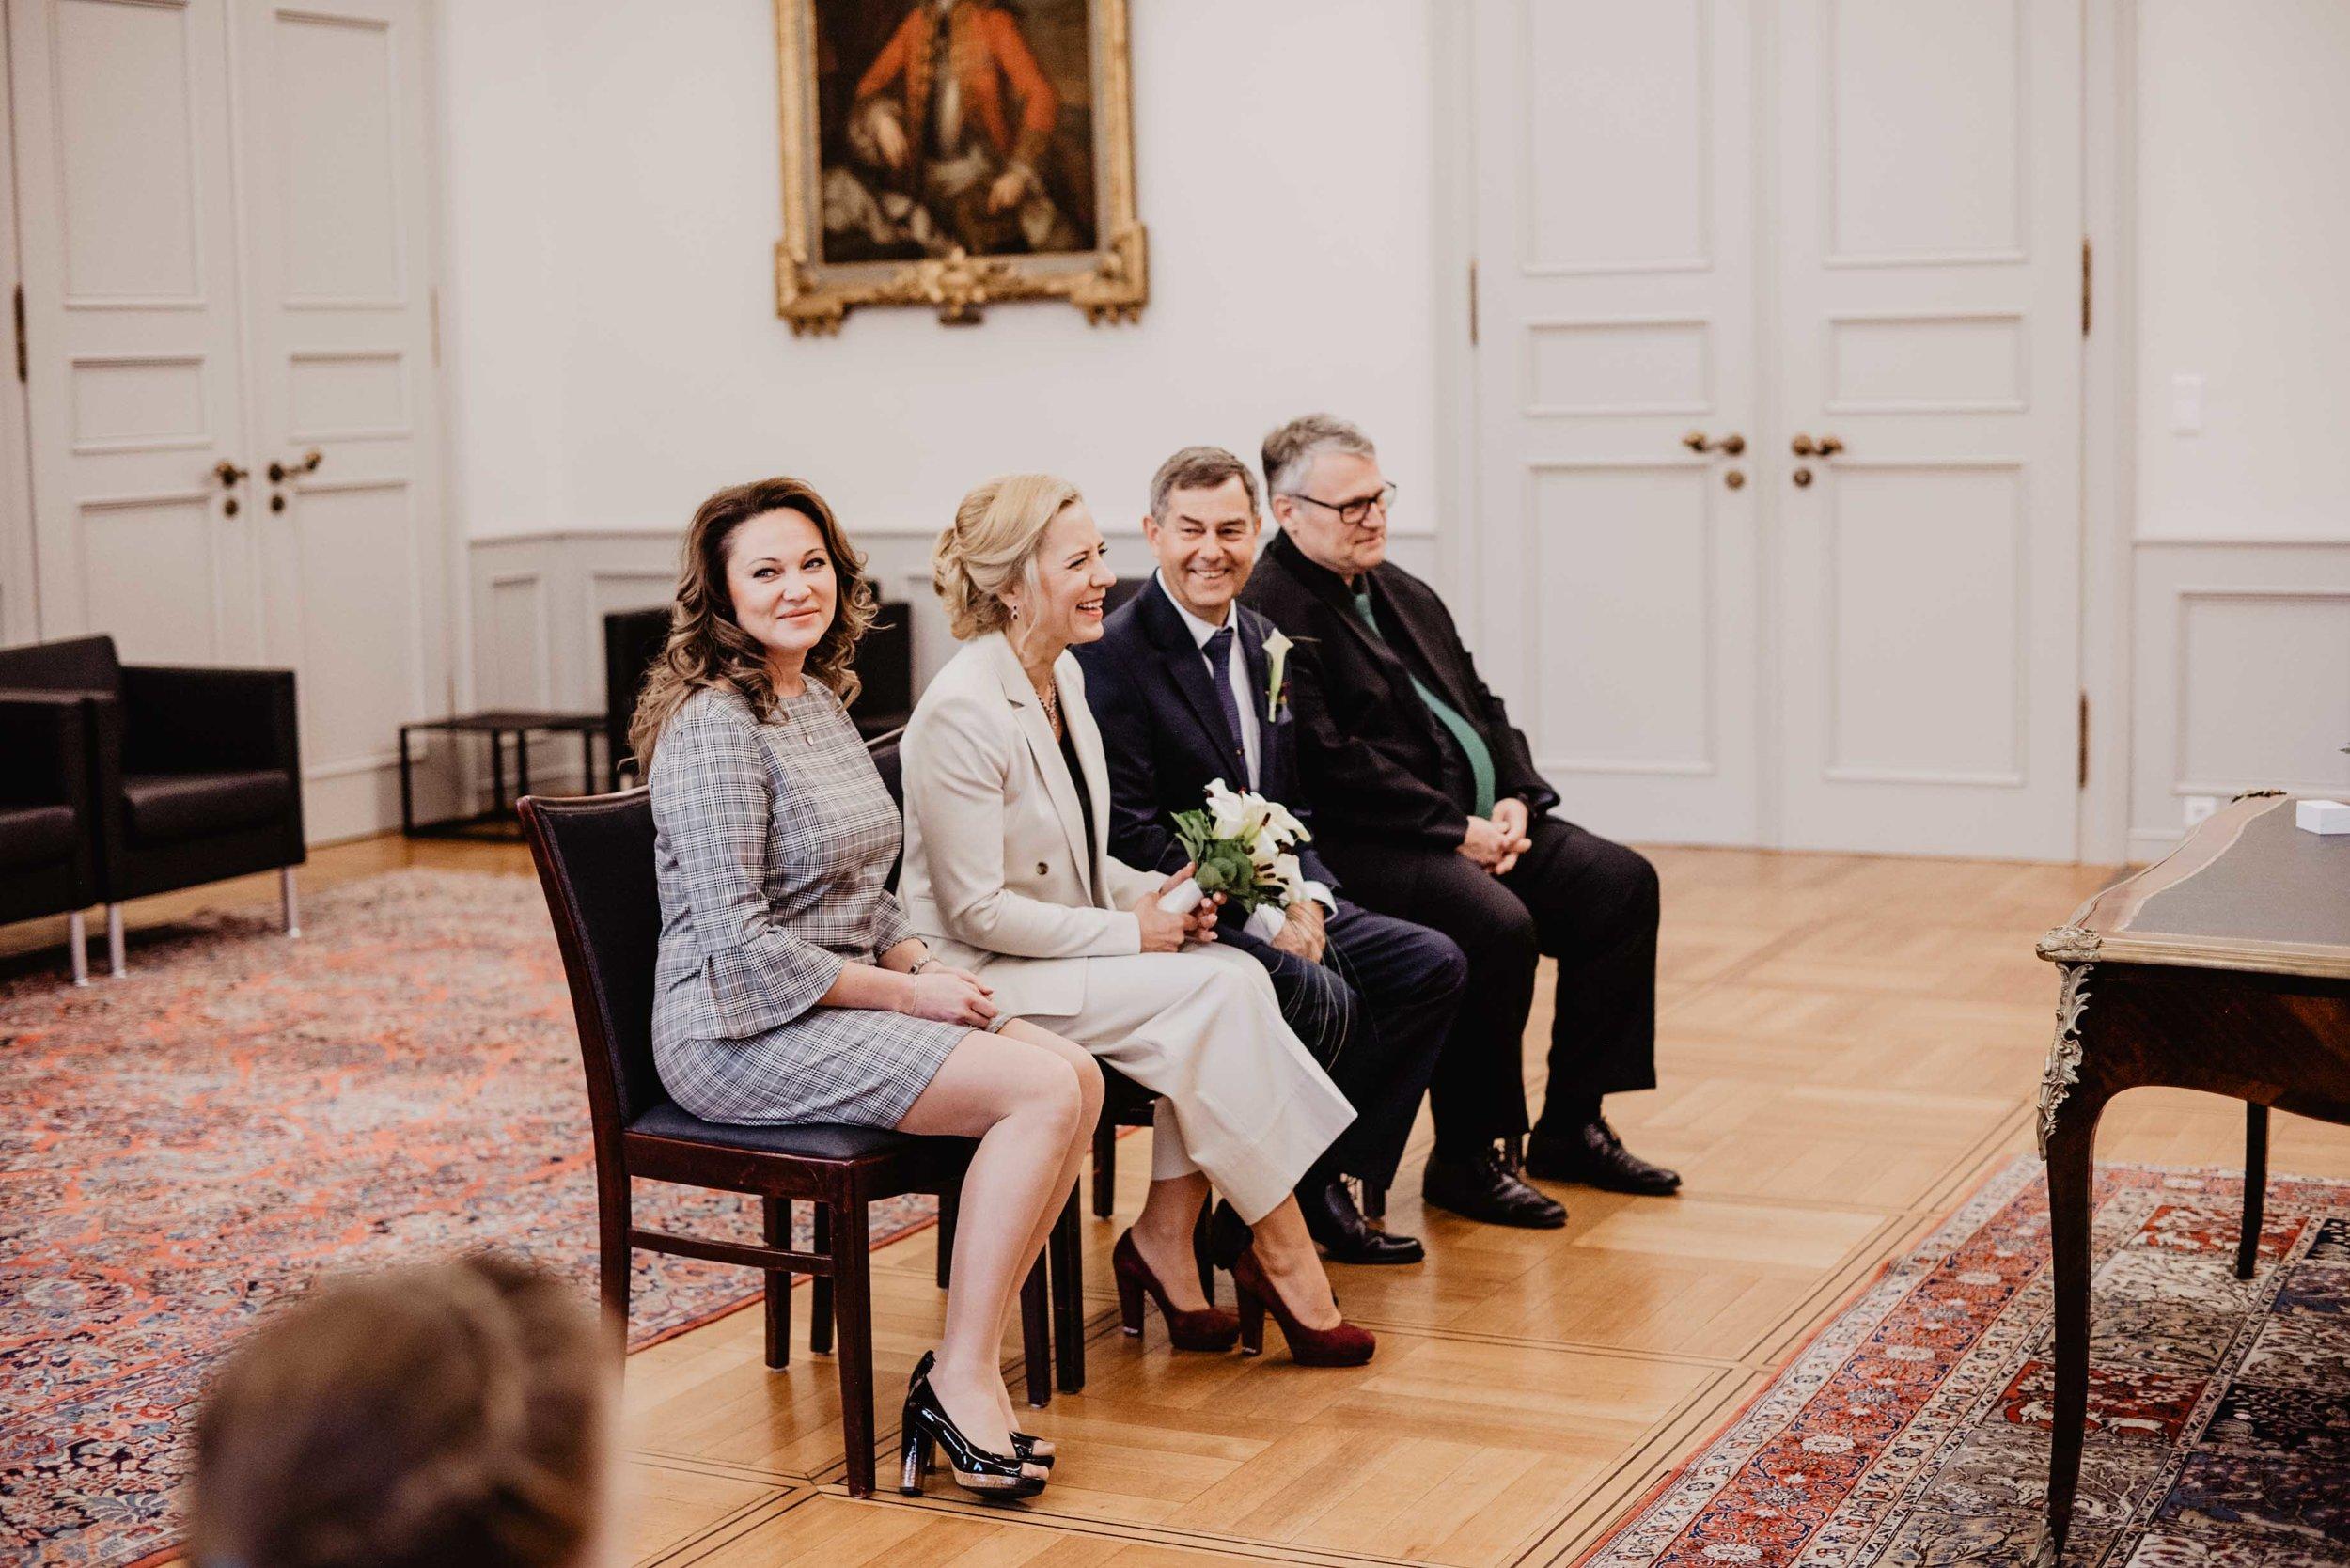 Hochzeit Standesamt Bonn by Lucy Wedding Photography-19.jpg